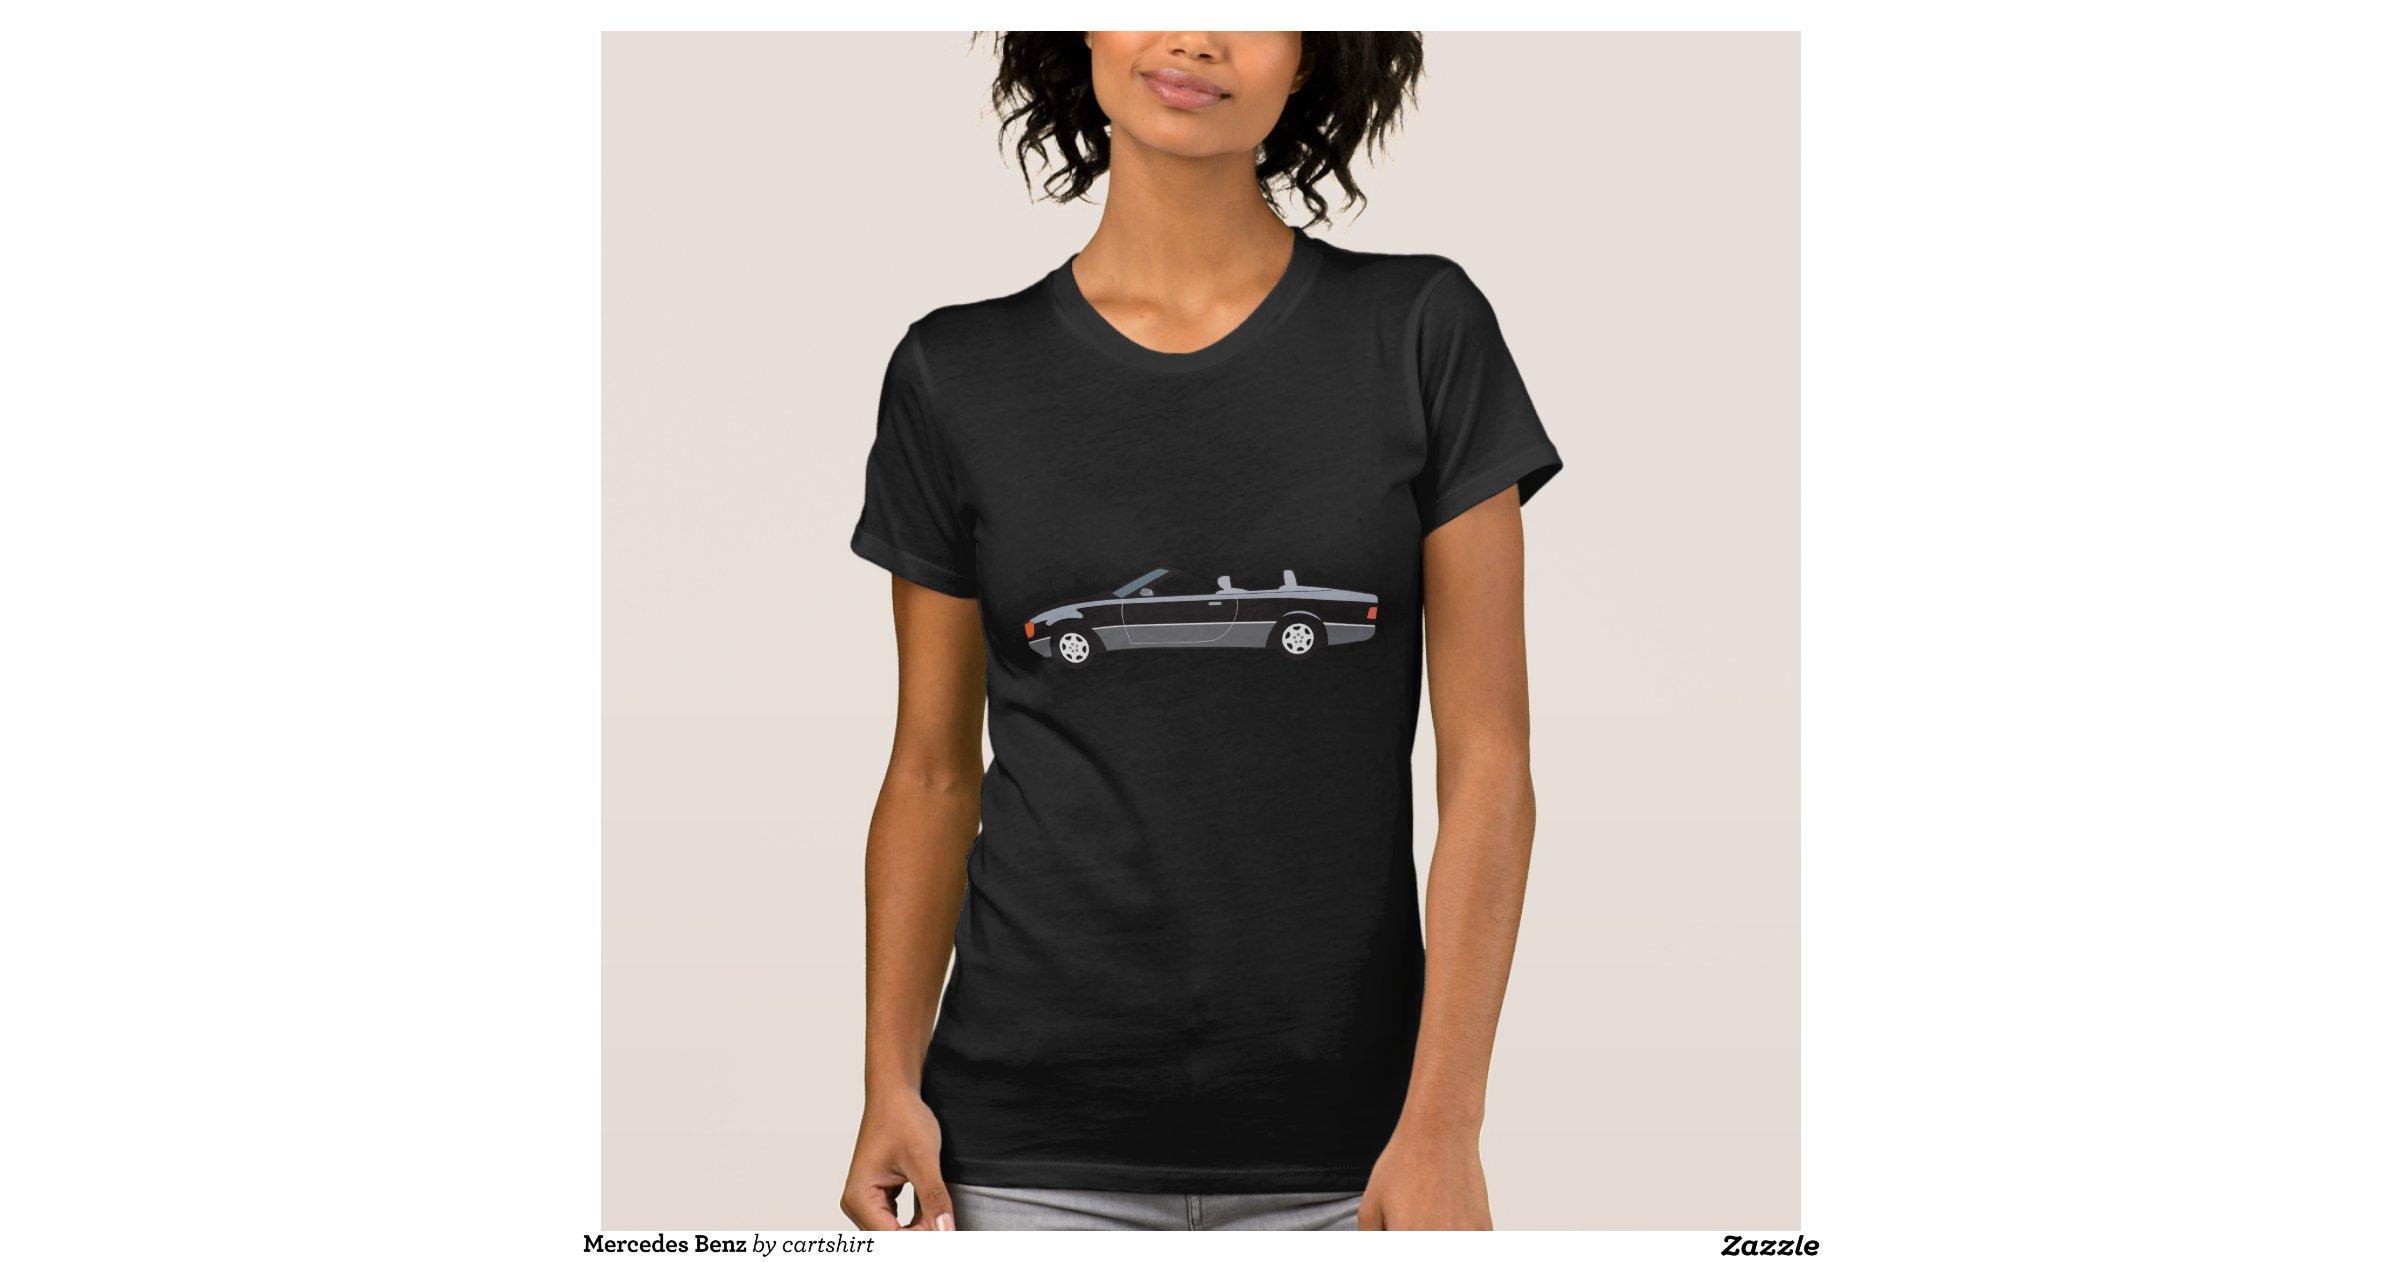 Mercedes benz t shirts r38602f8d709f4e79bae50824b78e2e3f for Mercedes benz clothes